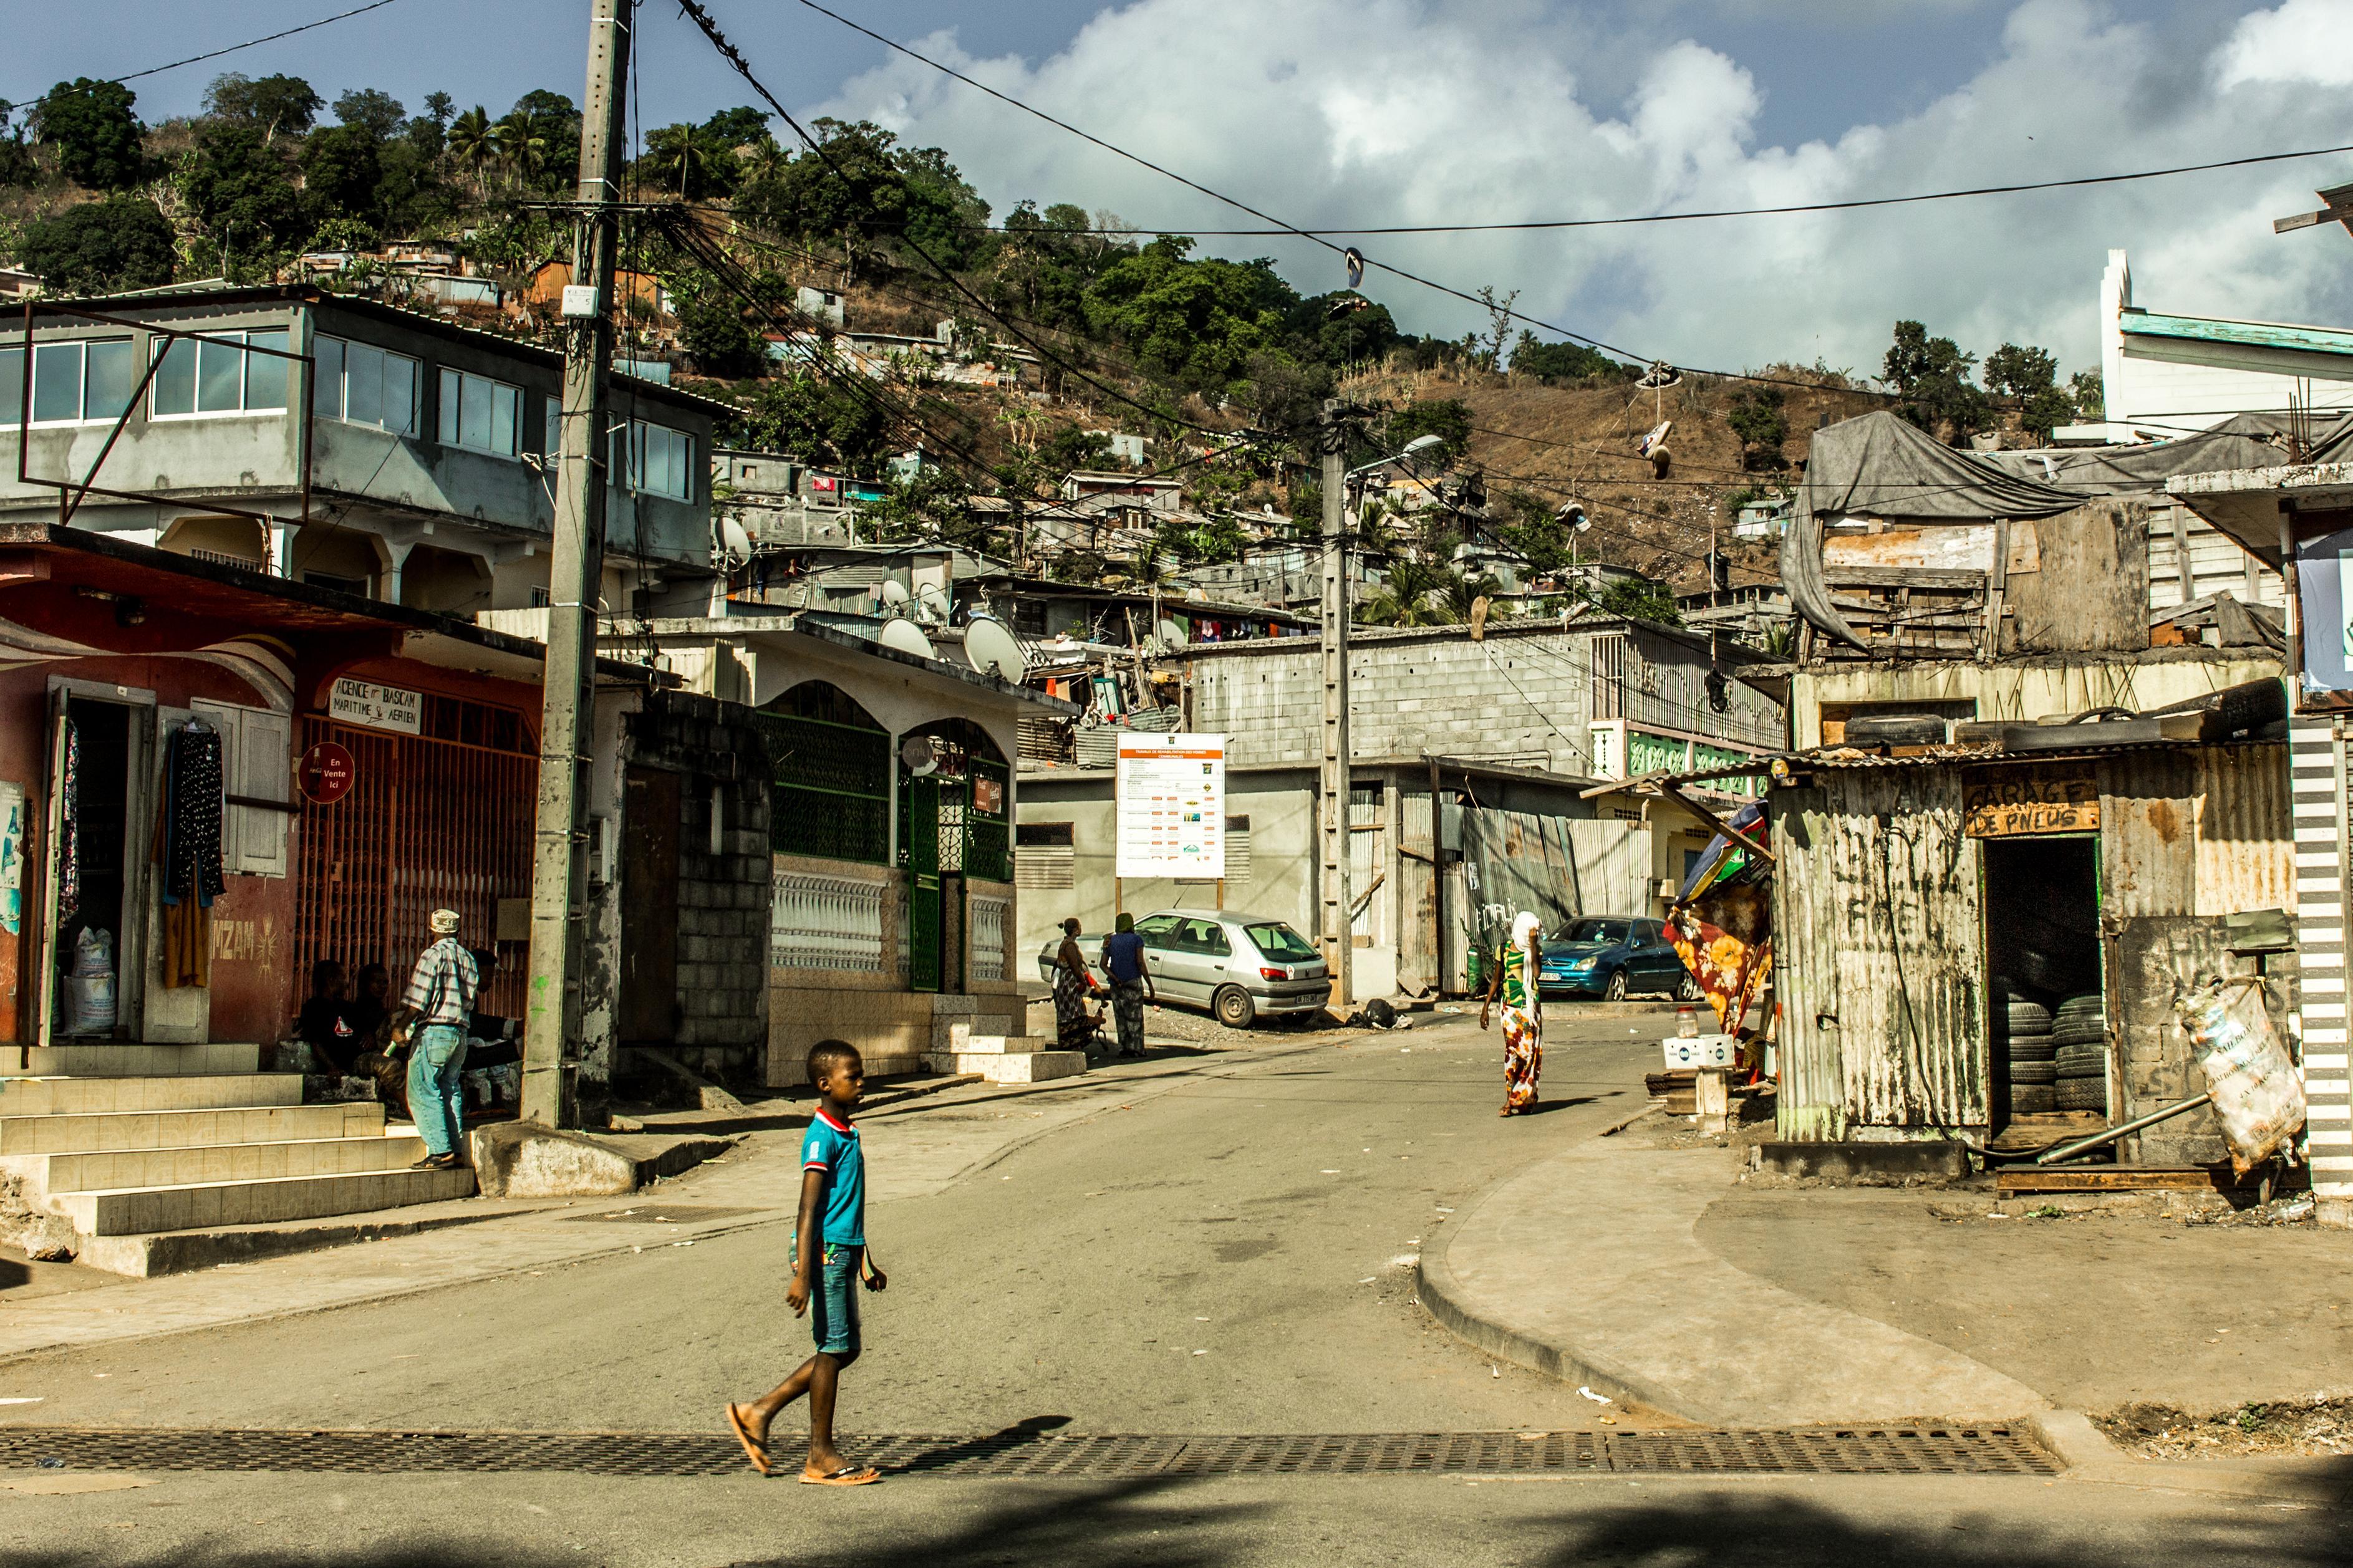 Mayotte : Un observatoire et un conseil scientifique pour prévenir la violence